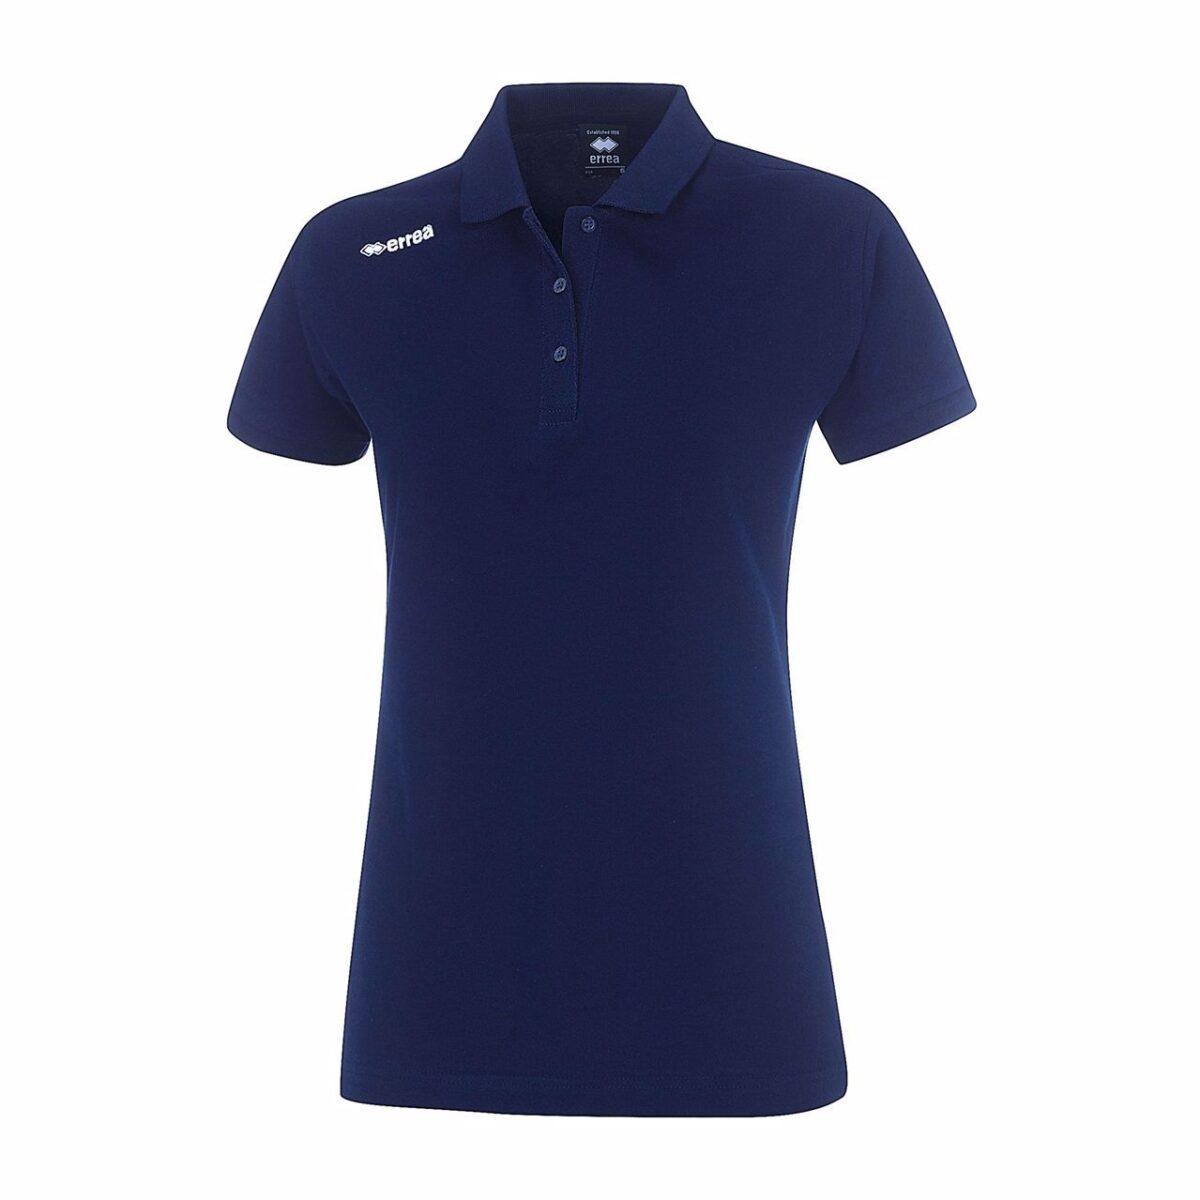 Errea Team Ladies Polo Shirt